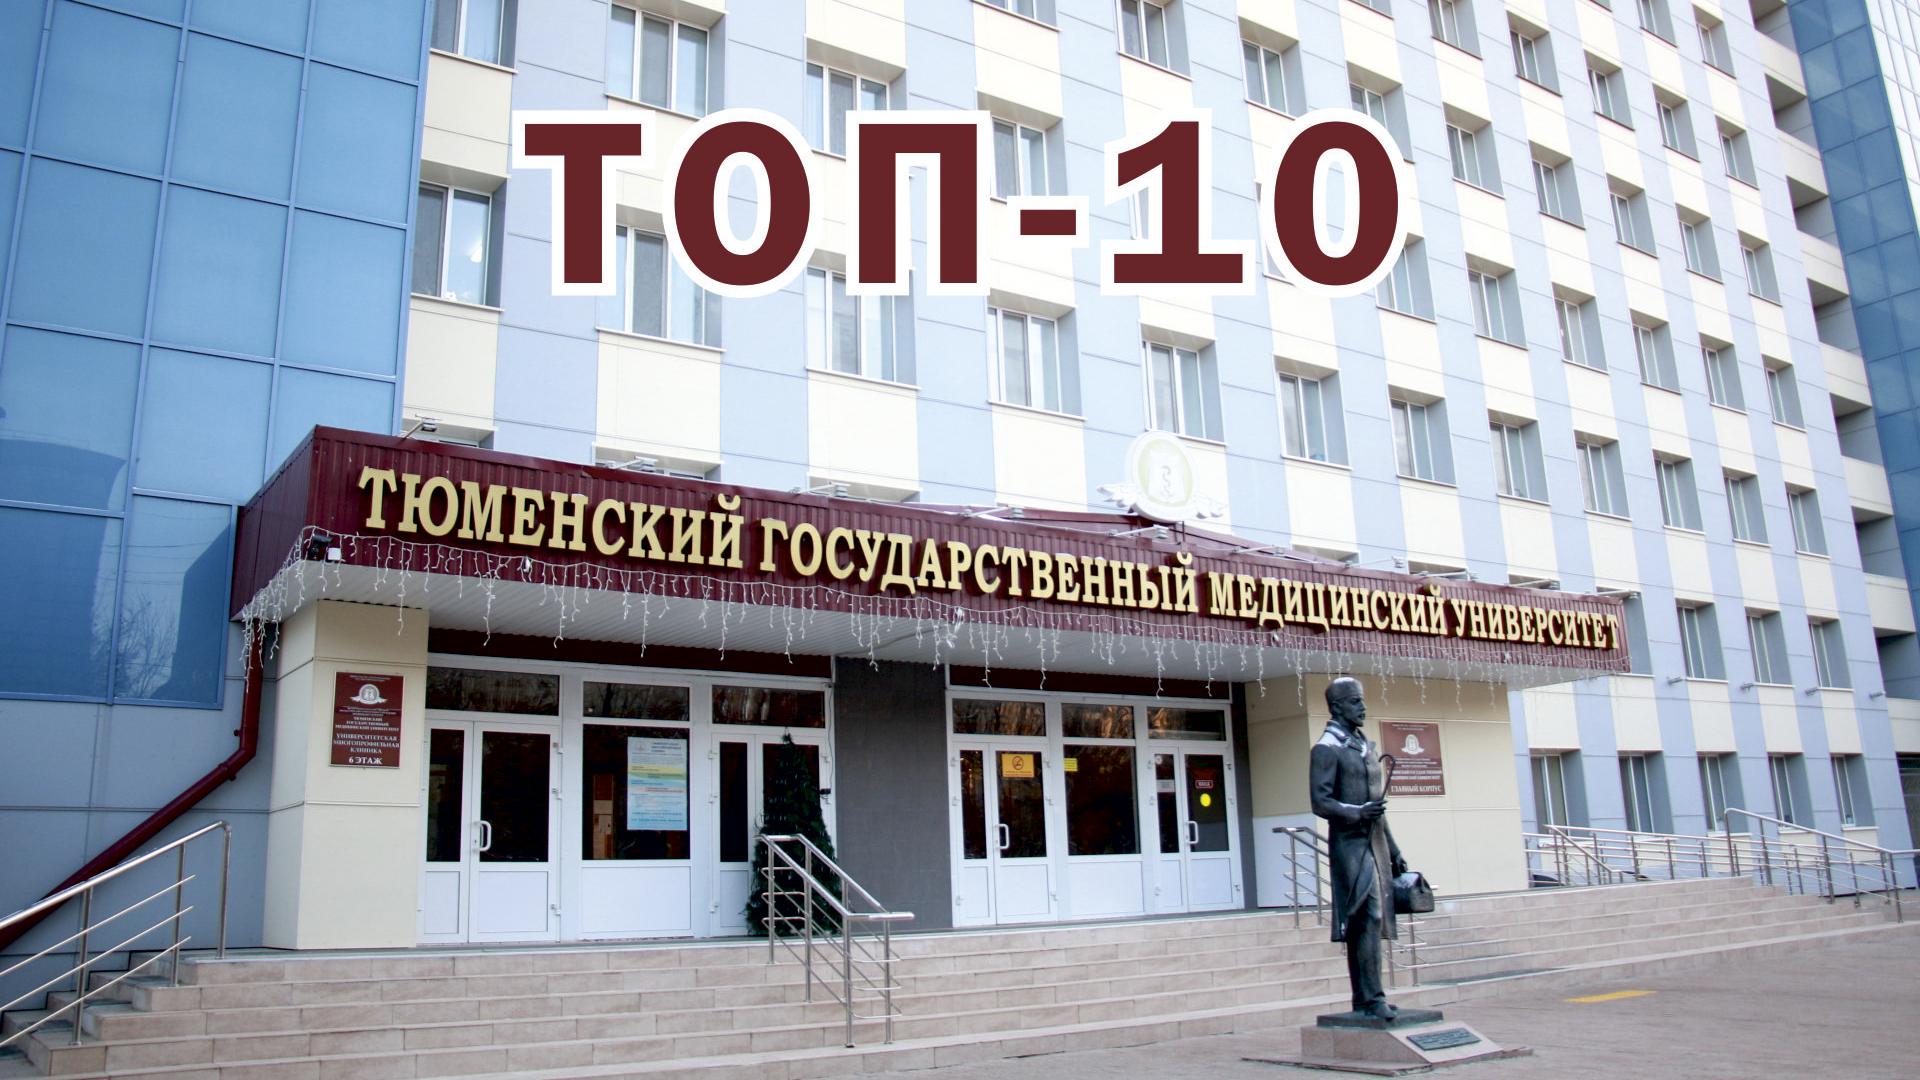 Екатеринбург медицинский университет официальный сайт приемная комиссия прием металлолома в казани адреса